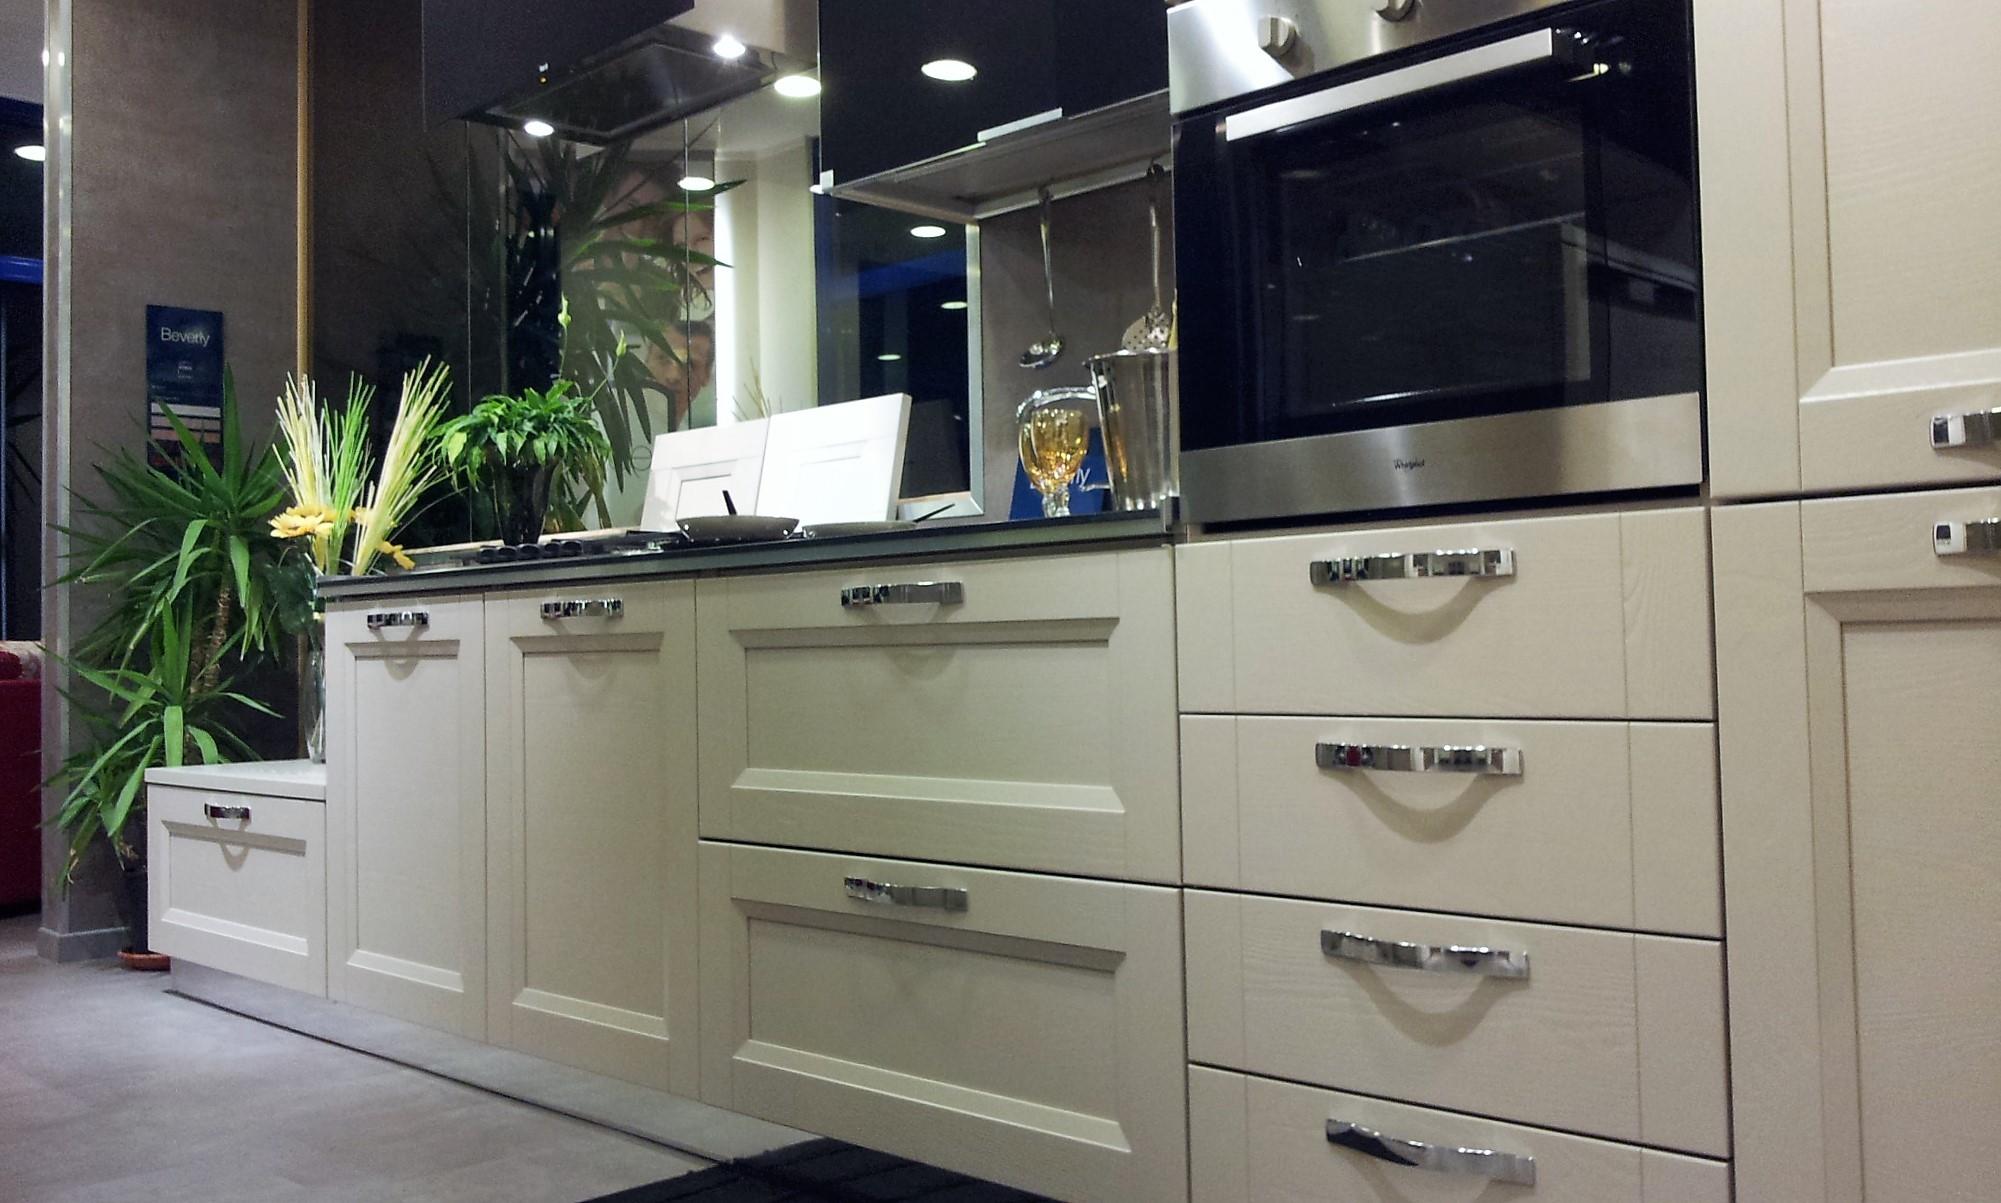 Cucina stosa cucine beverly canapa scontato del 76 for Outlet cucine abruzzo